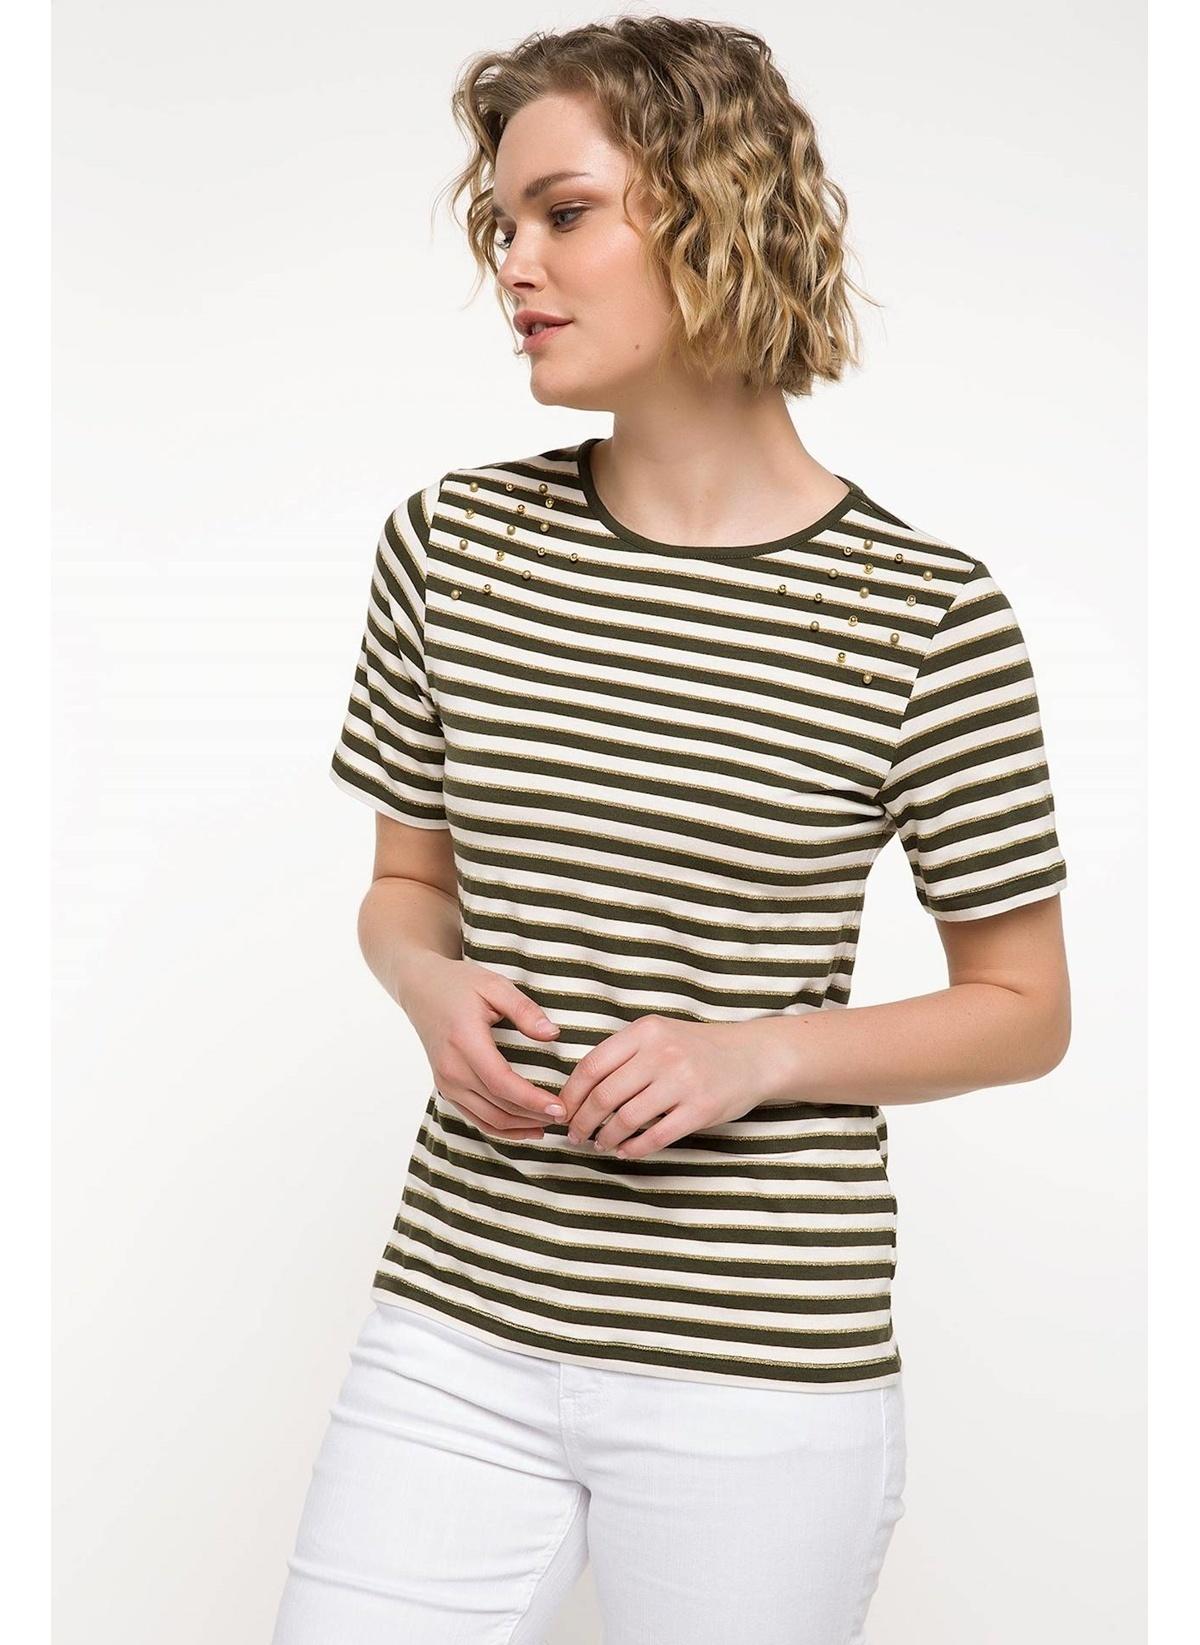 Defacto Tişört I7214az18smkh3t-shirt – 39.99 TL